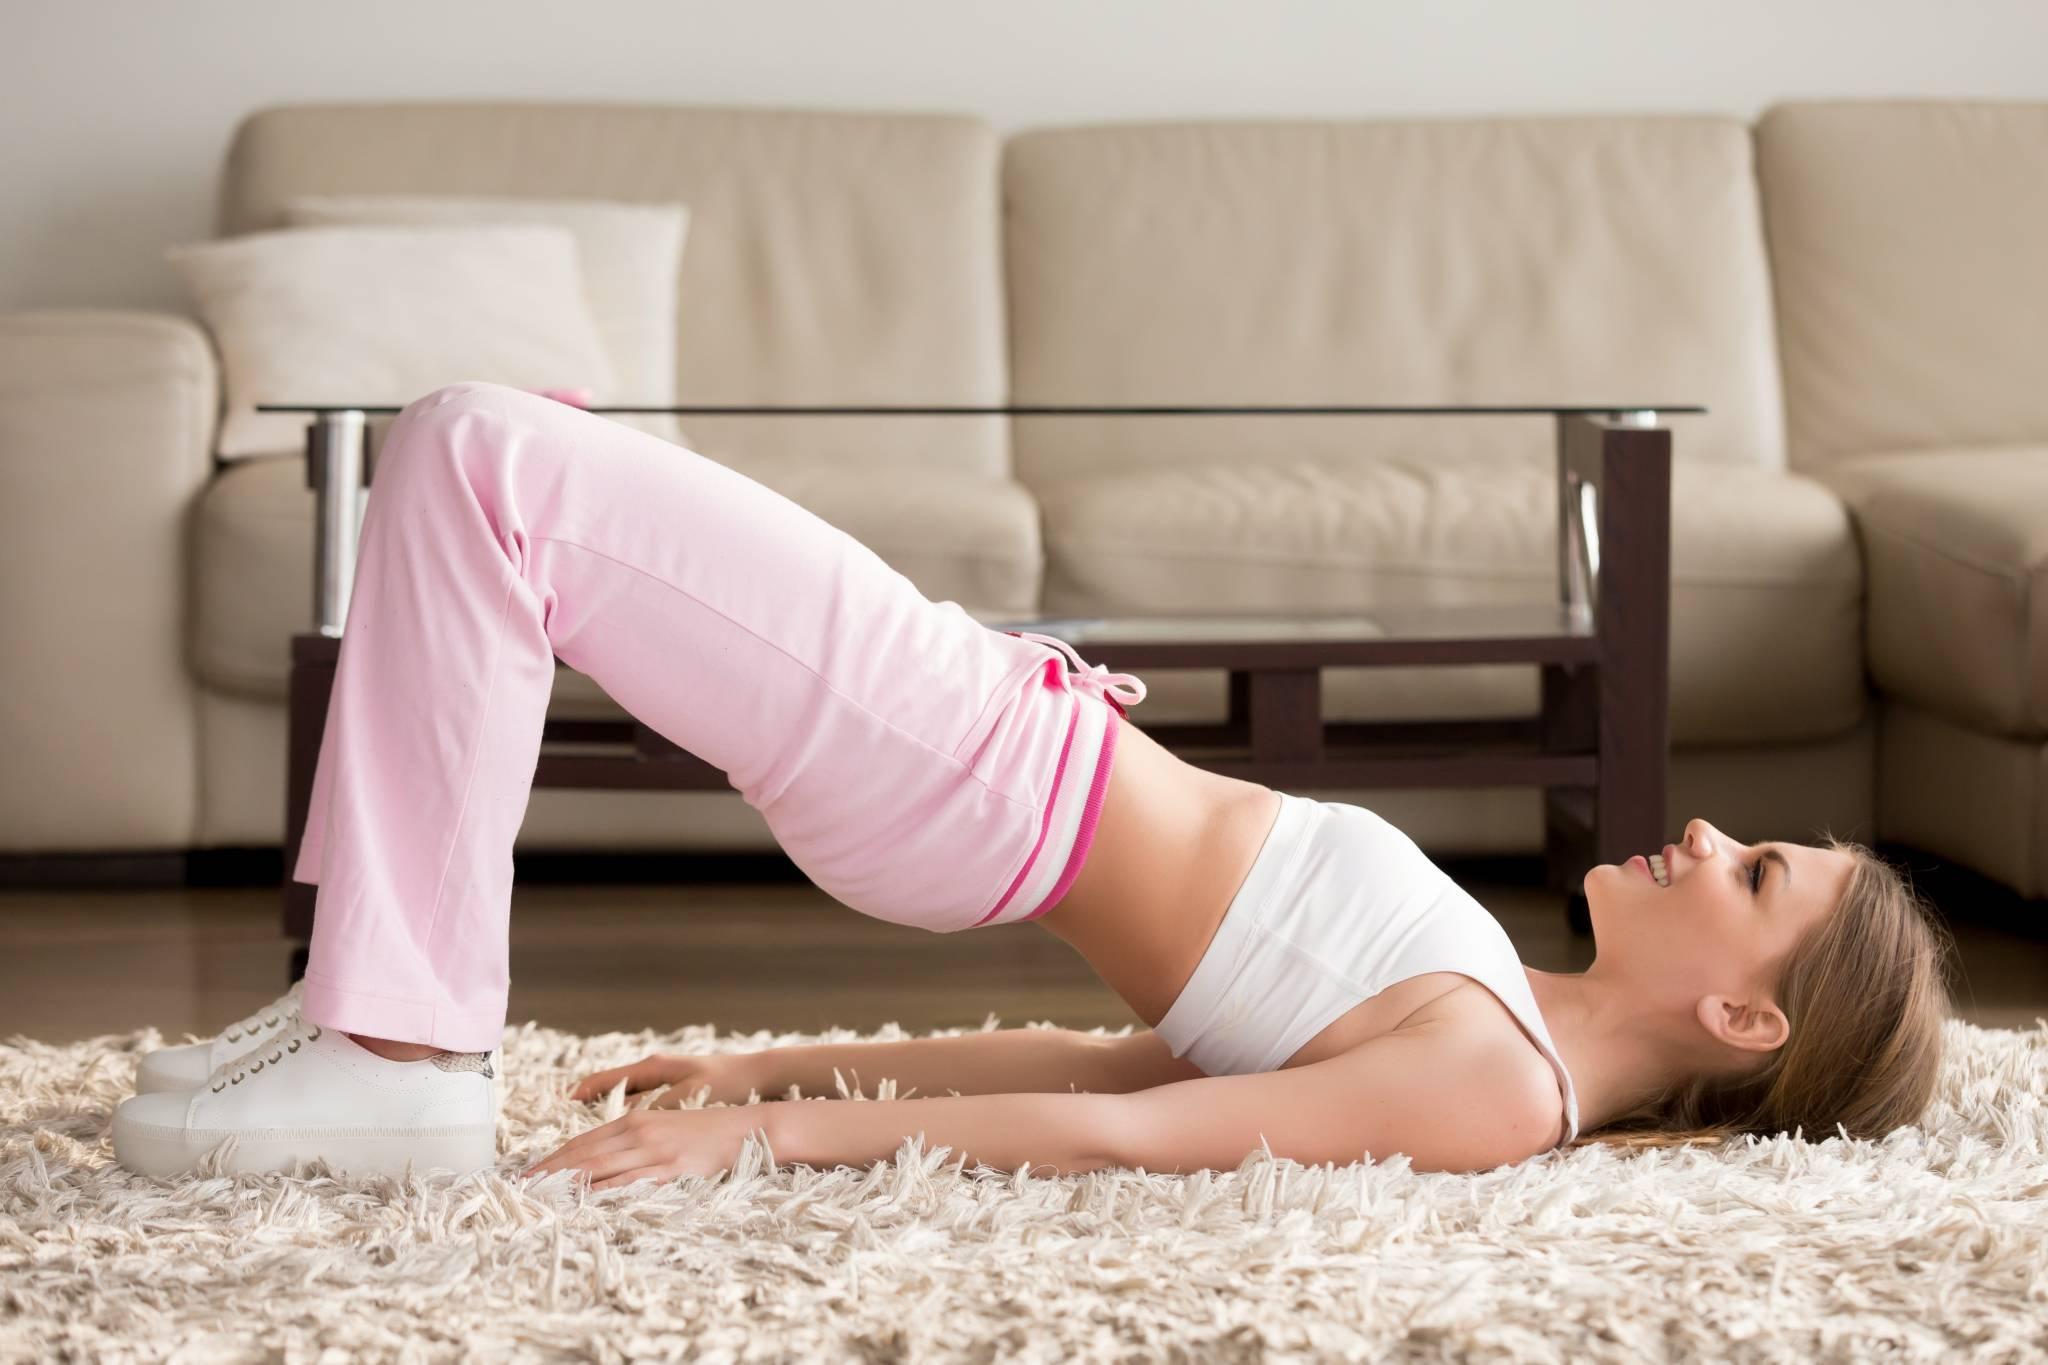 Ćwiczenia miednicy dla zdrowia i satysfakcji seksualnej